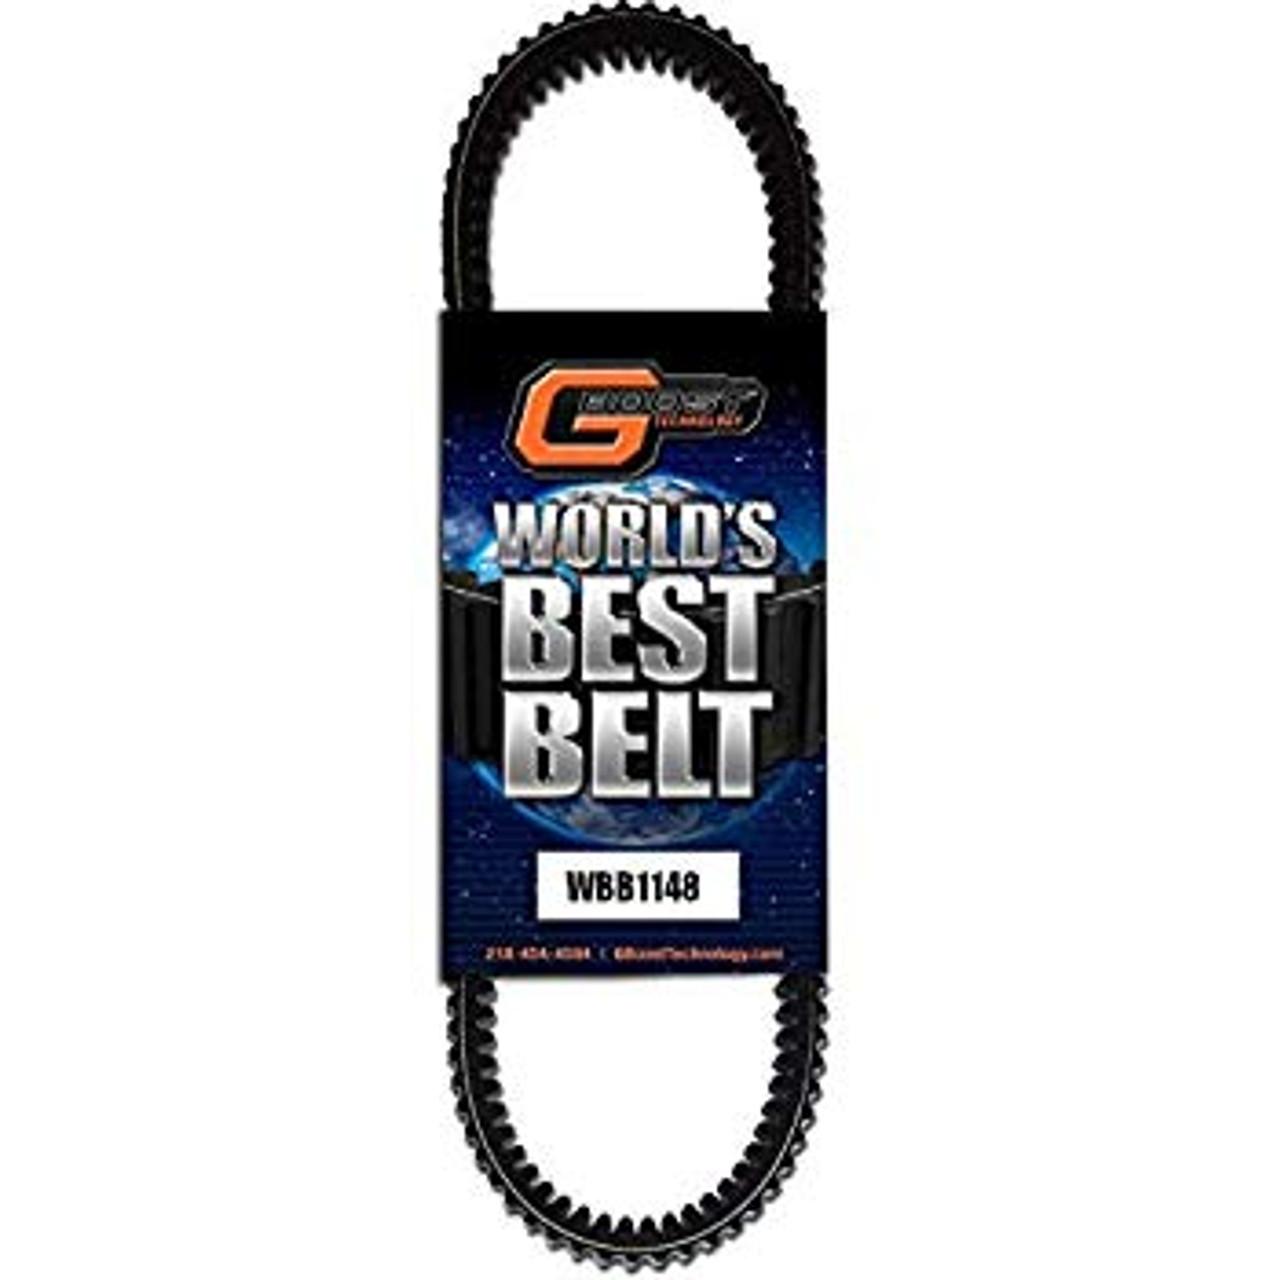 G-Boost Badass Worlds Best Belt 1148 Gilomen